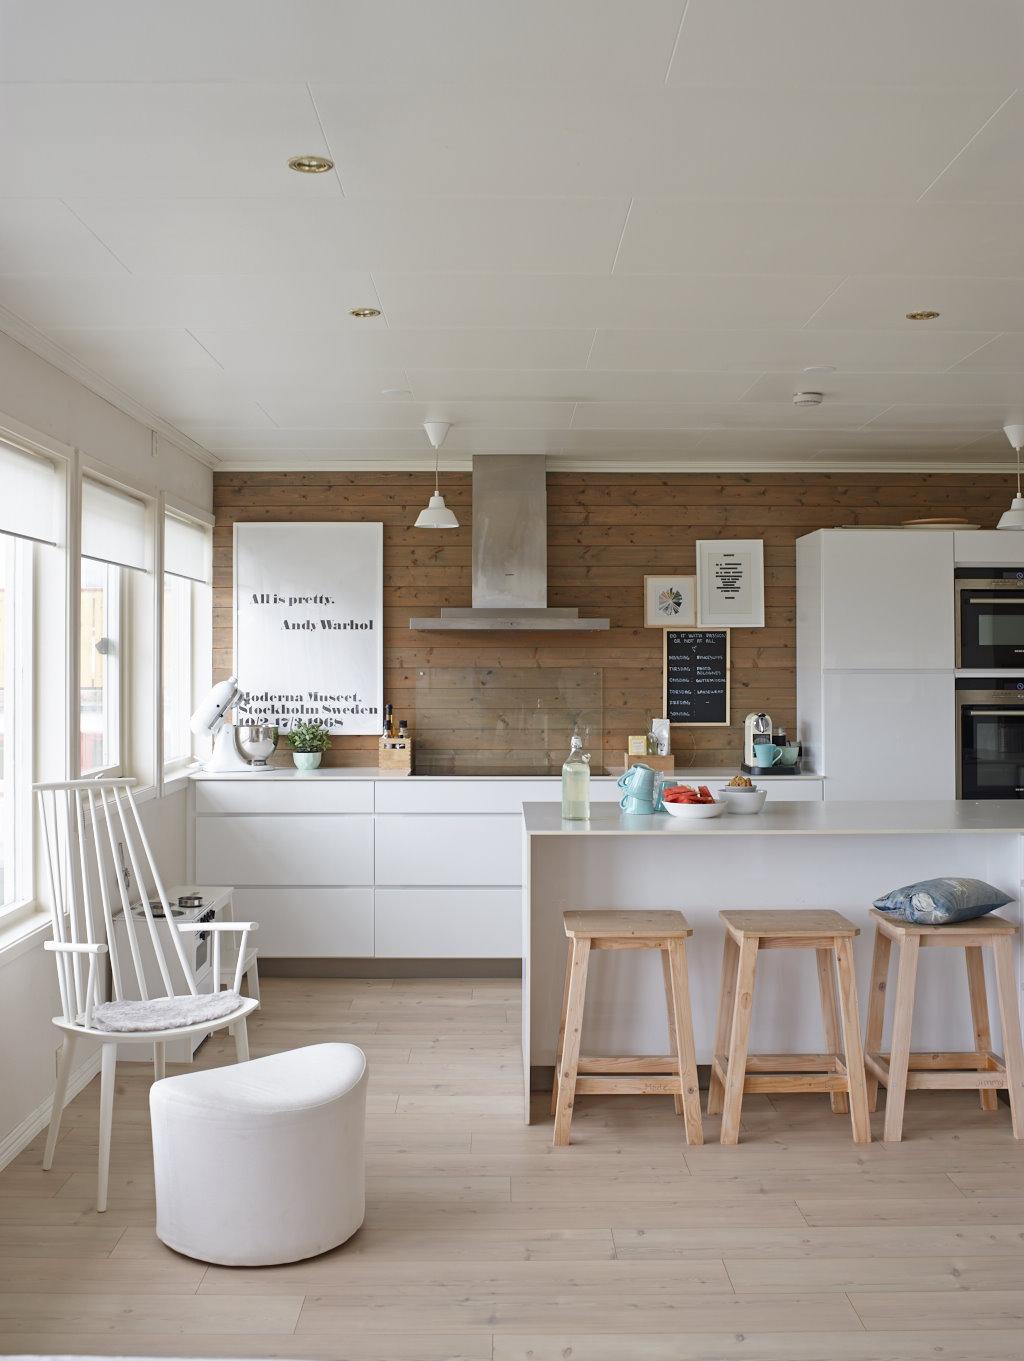 Blanco en textiles y muebles en una casa donde viven ni os - Muebles modernos ikea ...